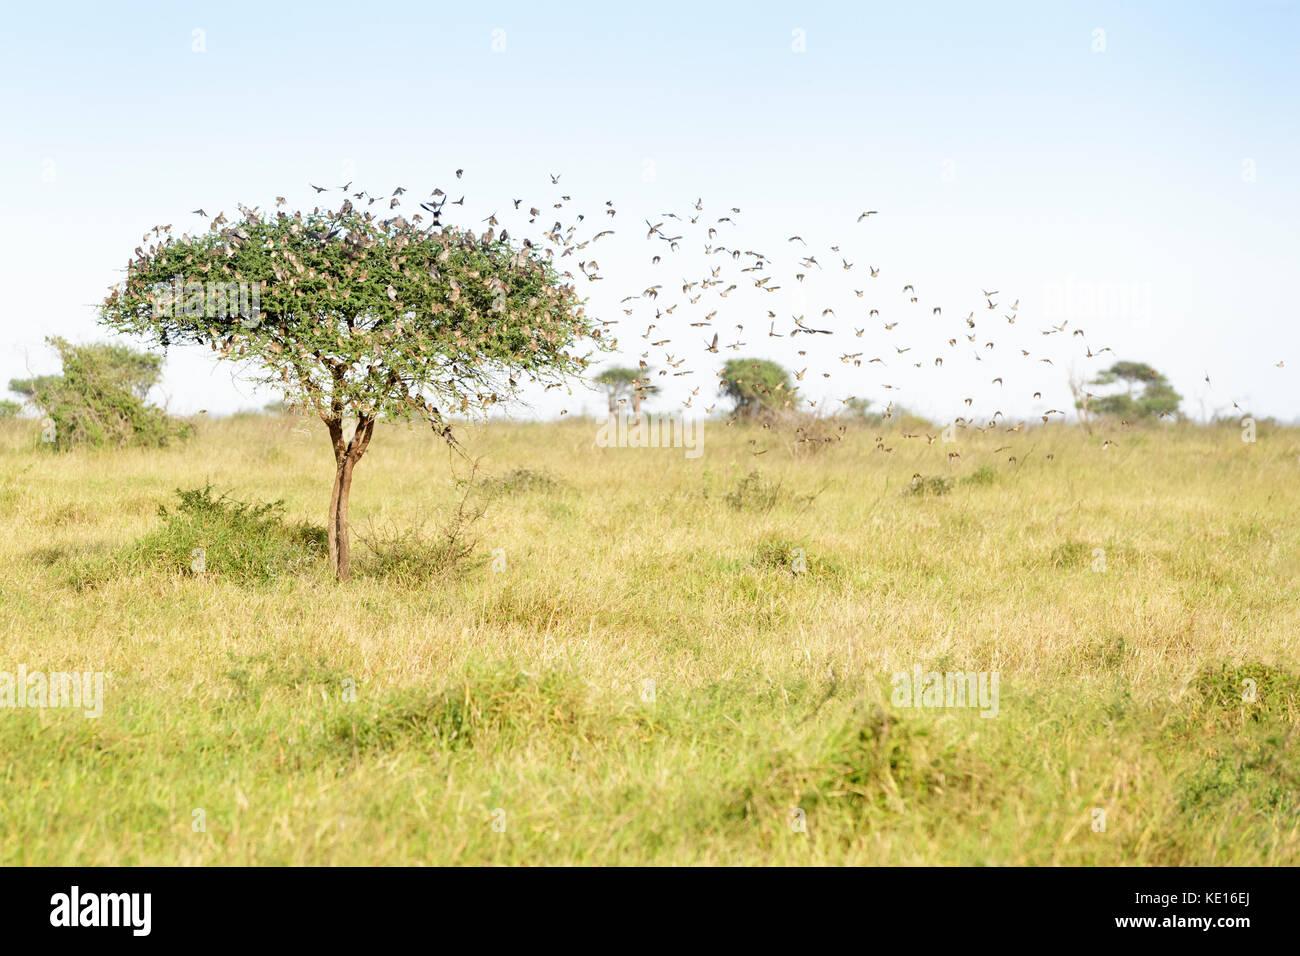 Rojo-facturado (quelea quelea quelea) congregándose alrededor del árbol, el parque nacional Kruger, Sudáfrica. Imagen De Stock